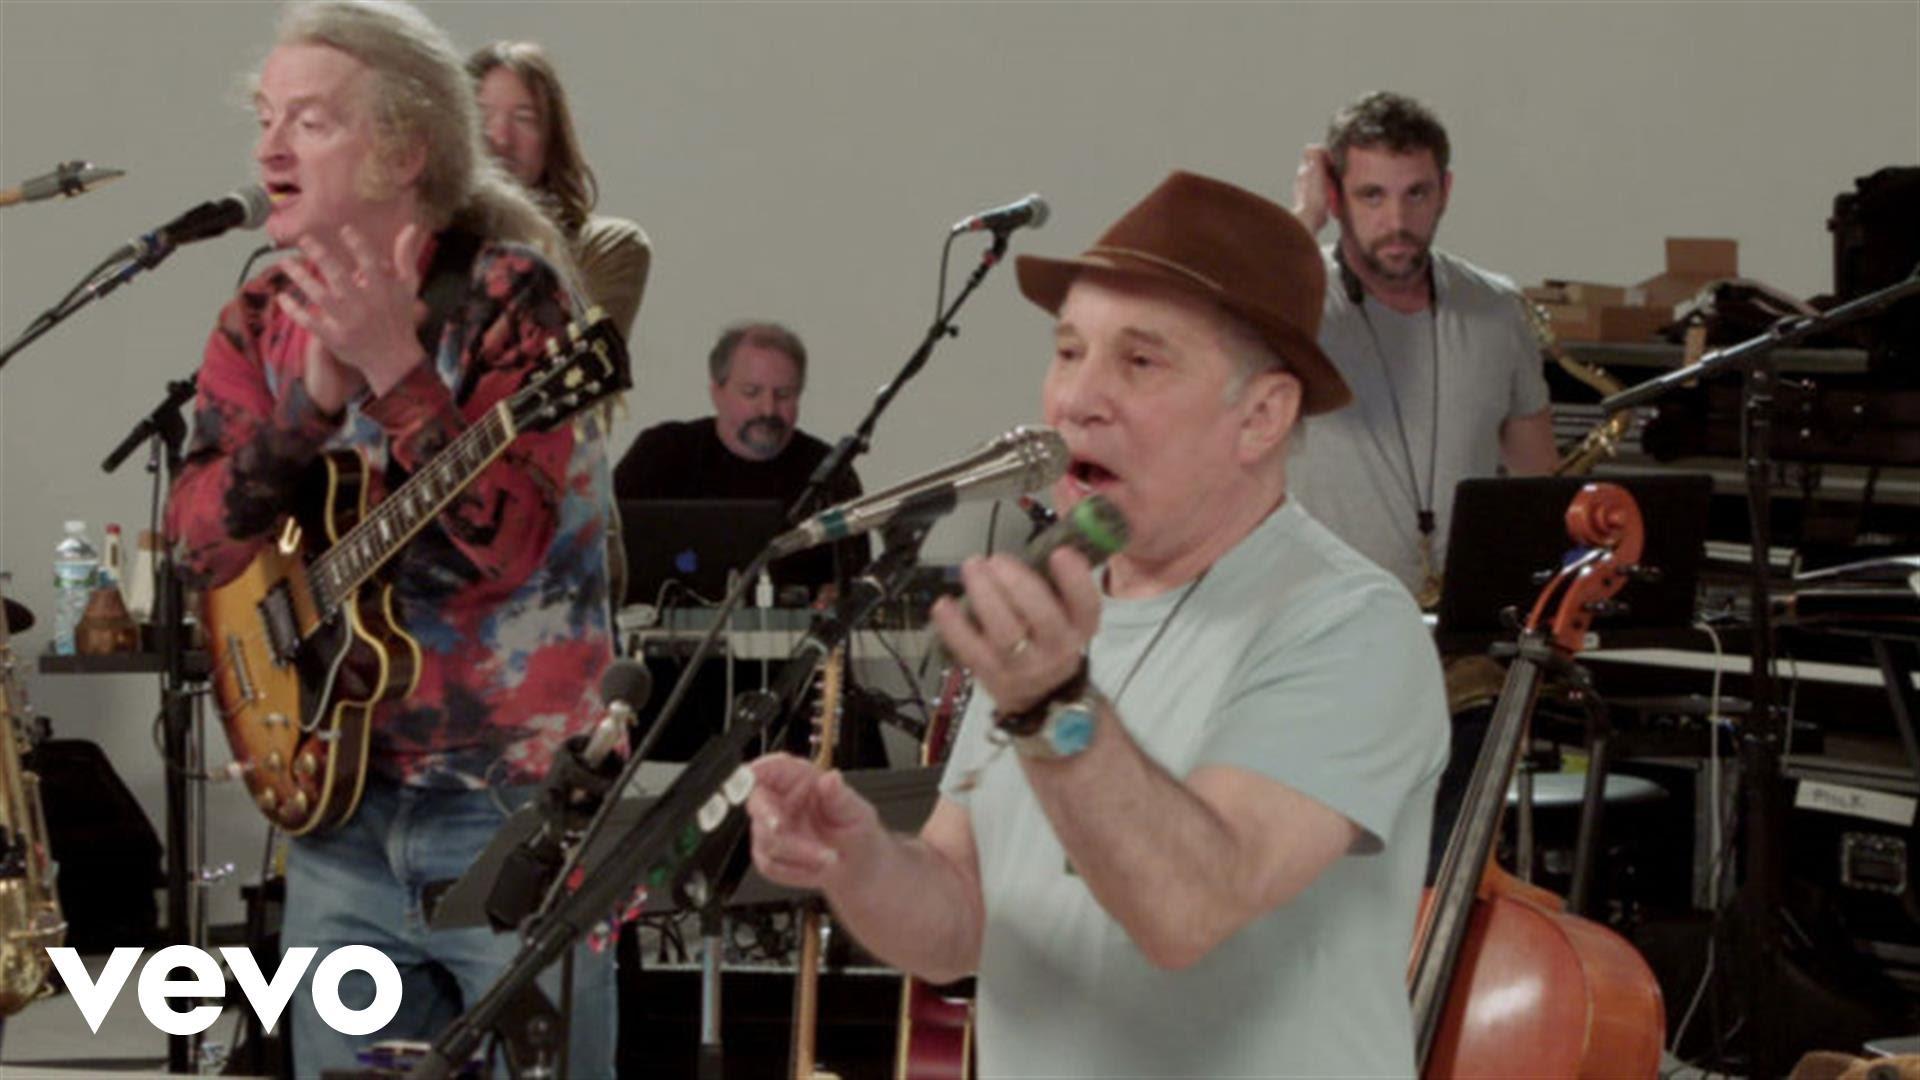 Paul Simon announces summer tour, including Red Rocks show on June 28